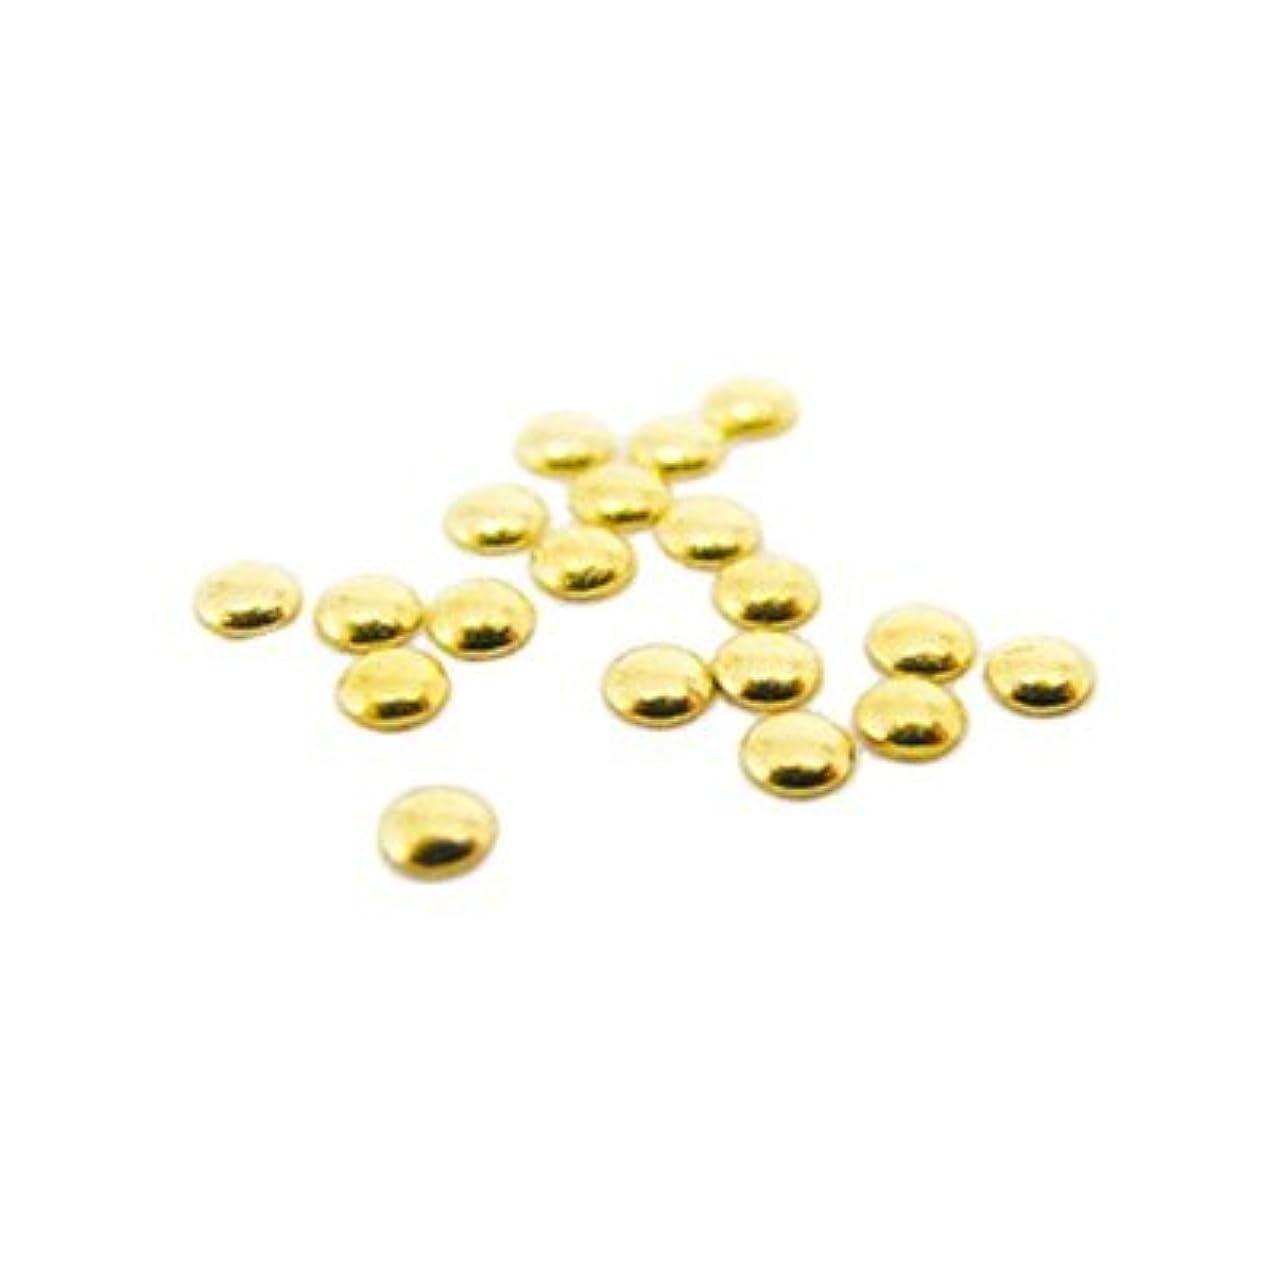 沼地口述するリテラシーピアドラ スタッズ 1.5mm 100P ゴールド